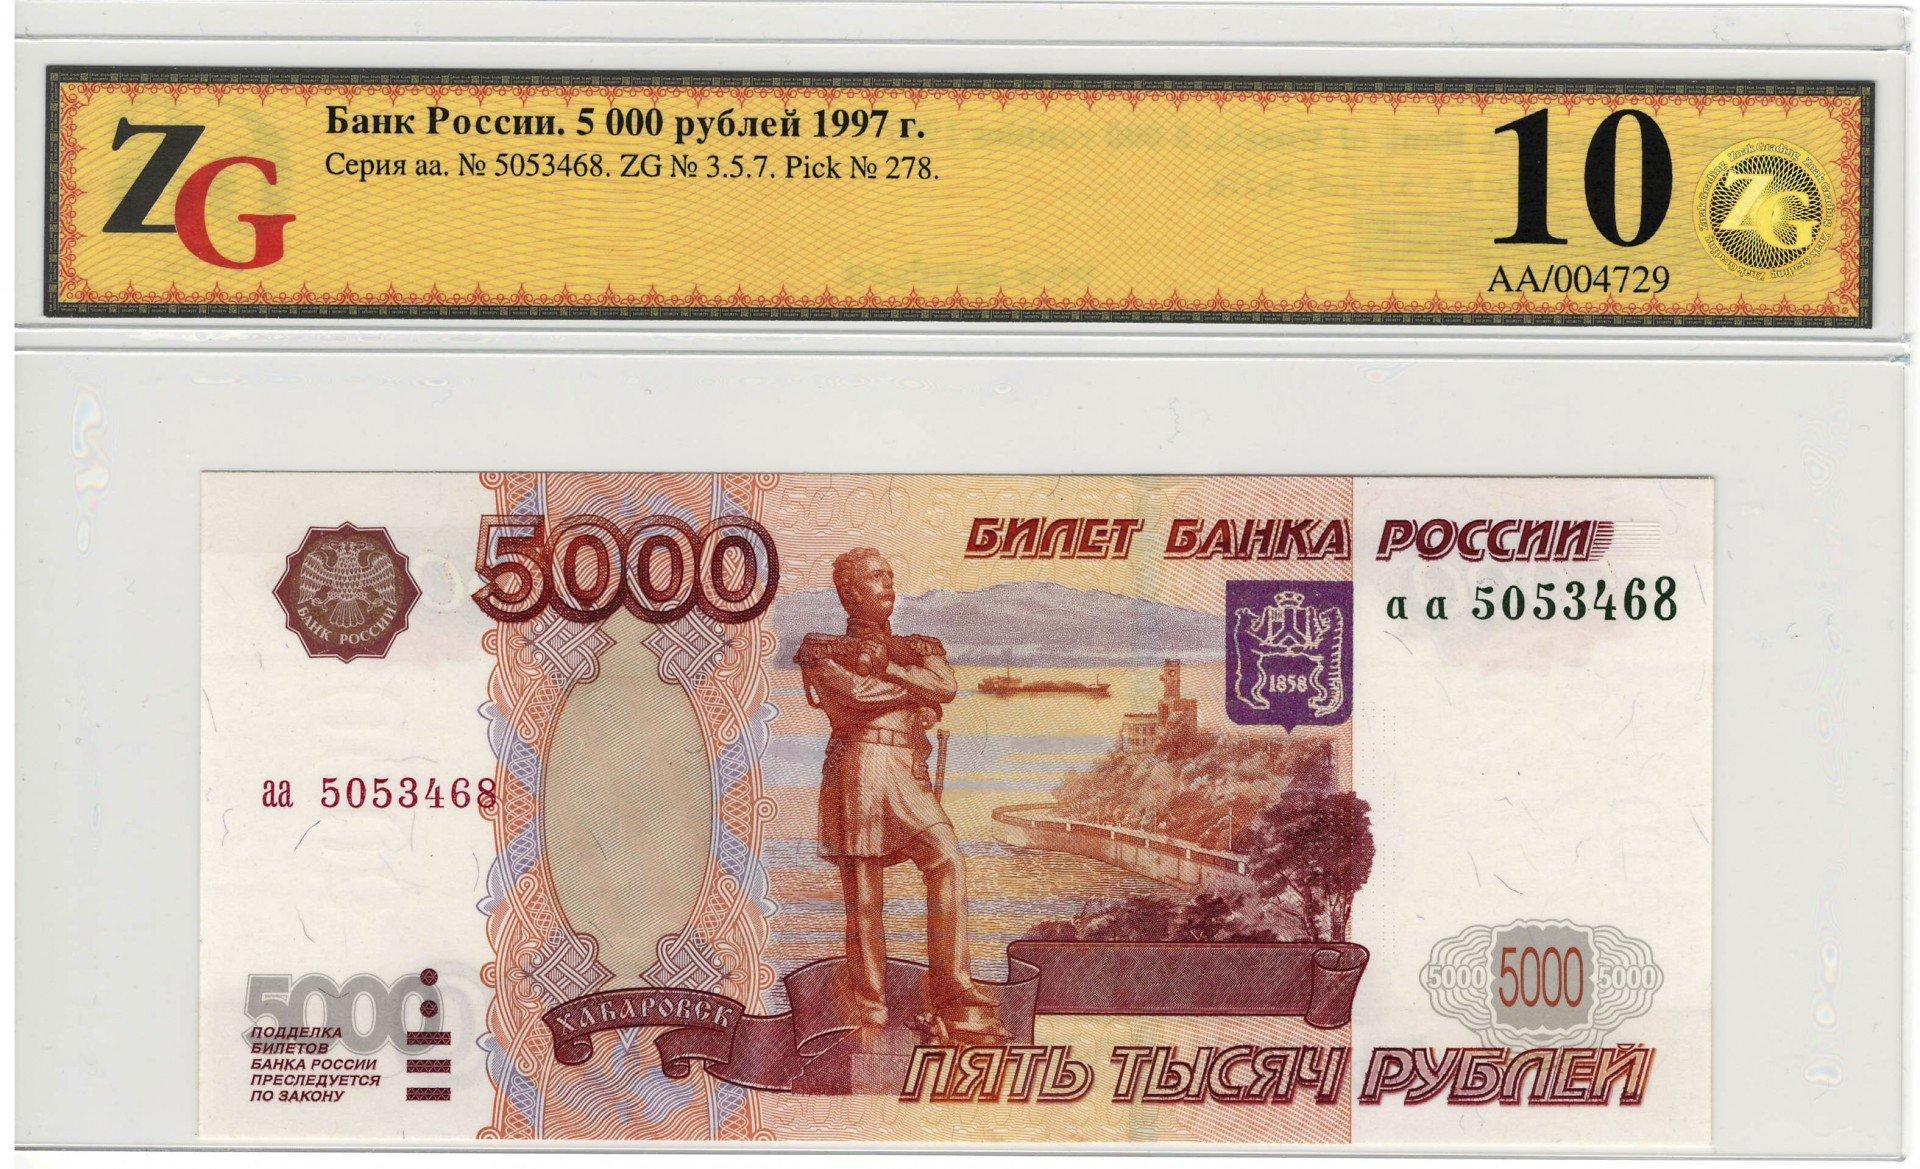 Показать 5000 рублей серия древние города россии 10 рублей список